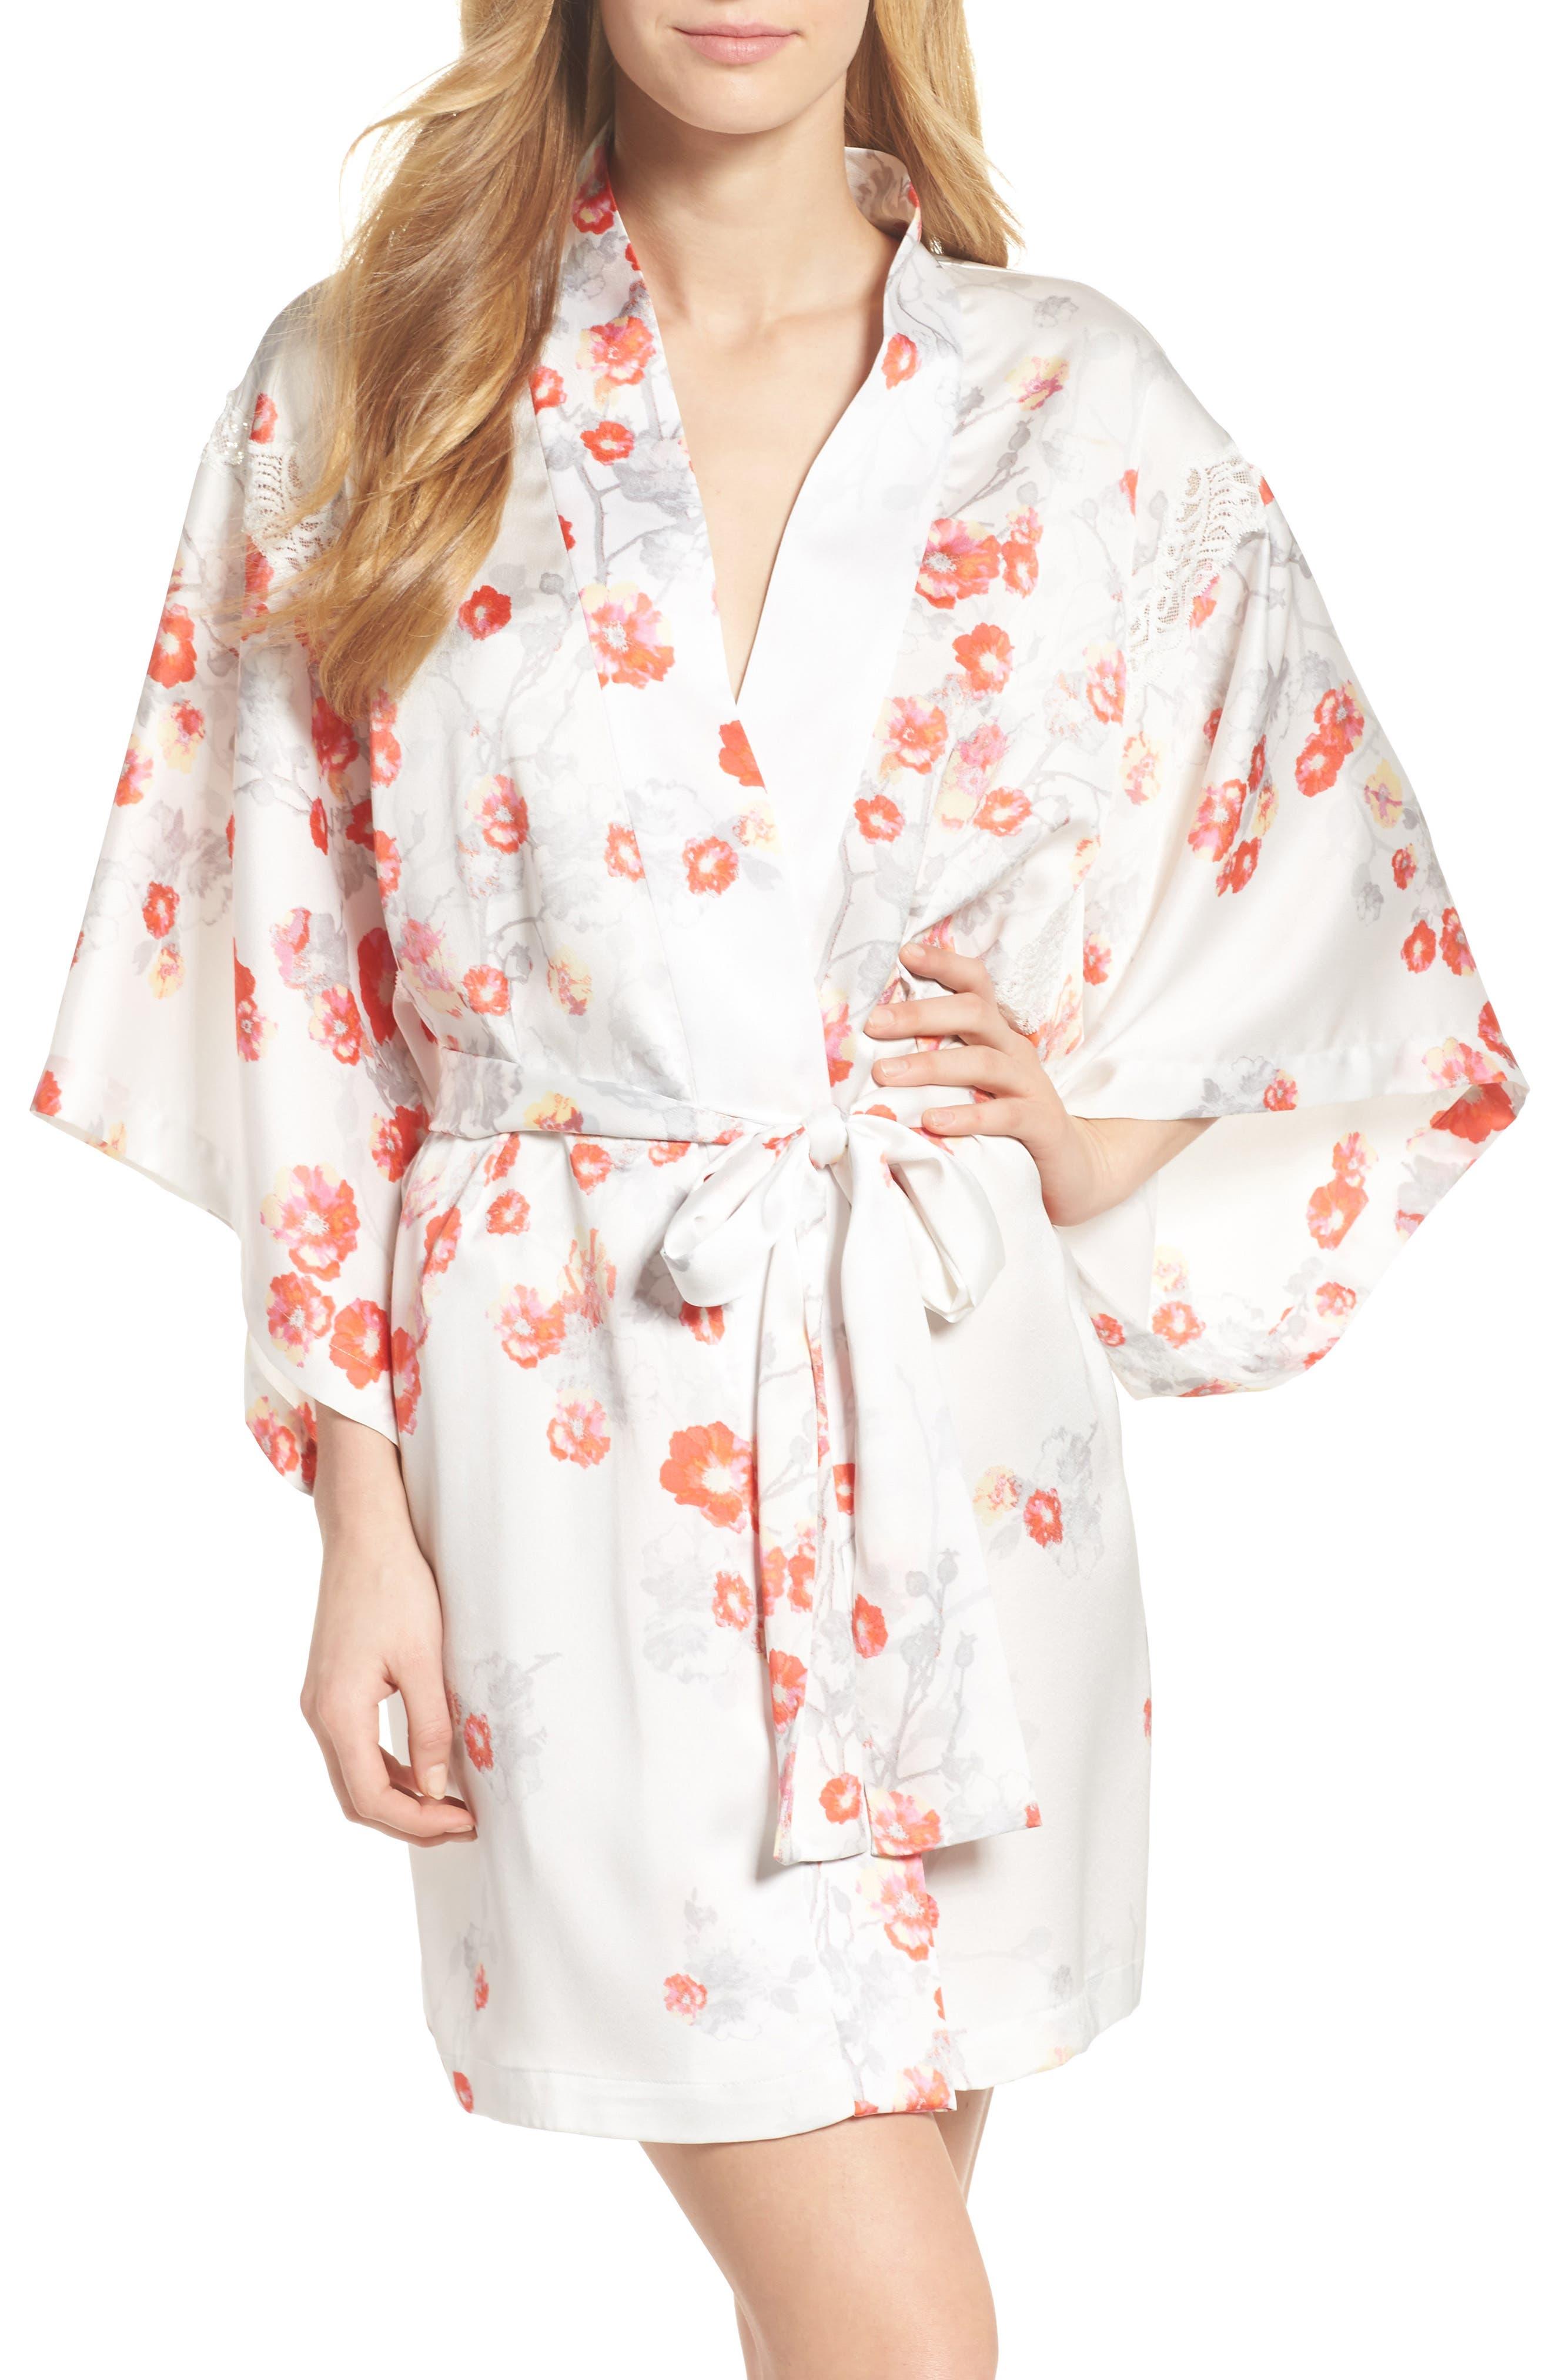 Blossom Print Wrap,                             Main thumbnail 1, color,                             White/ Multi